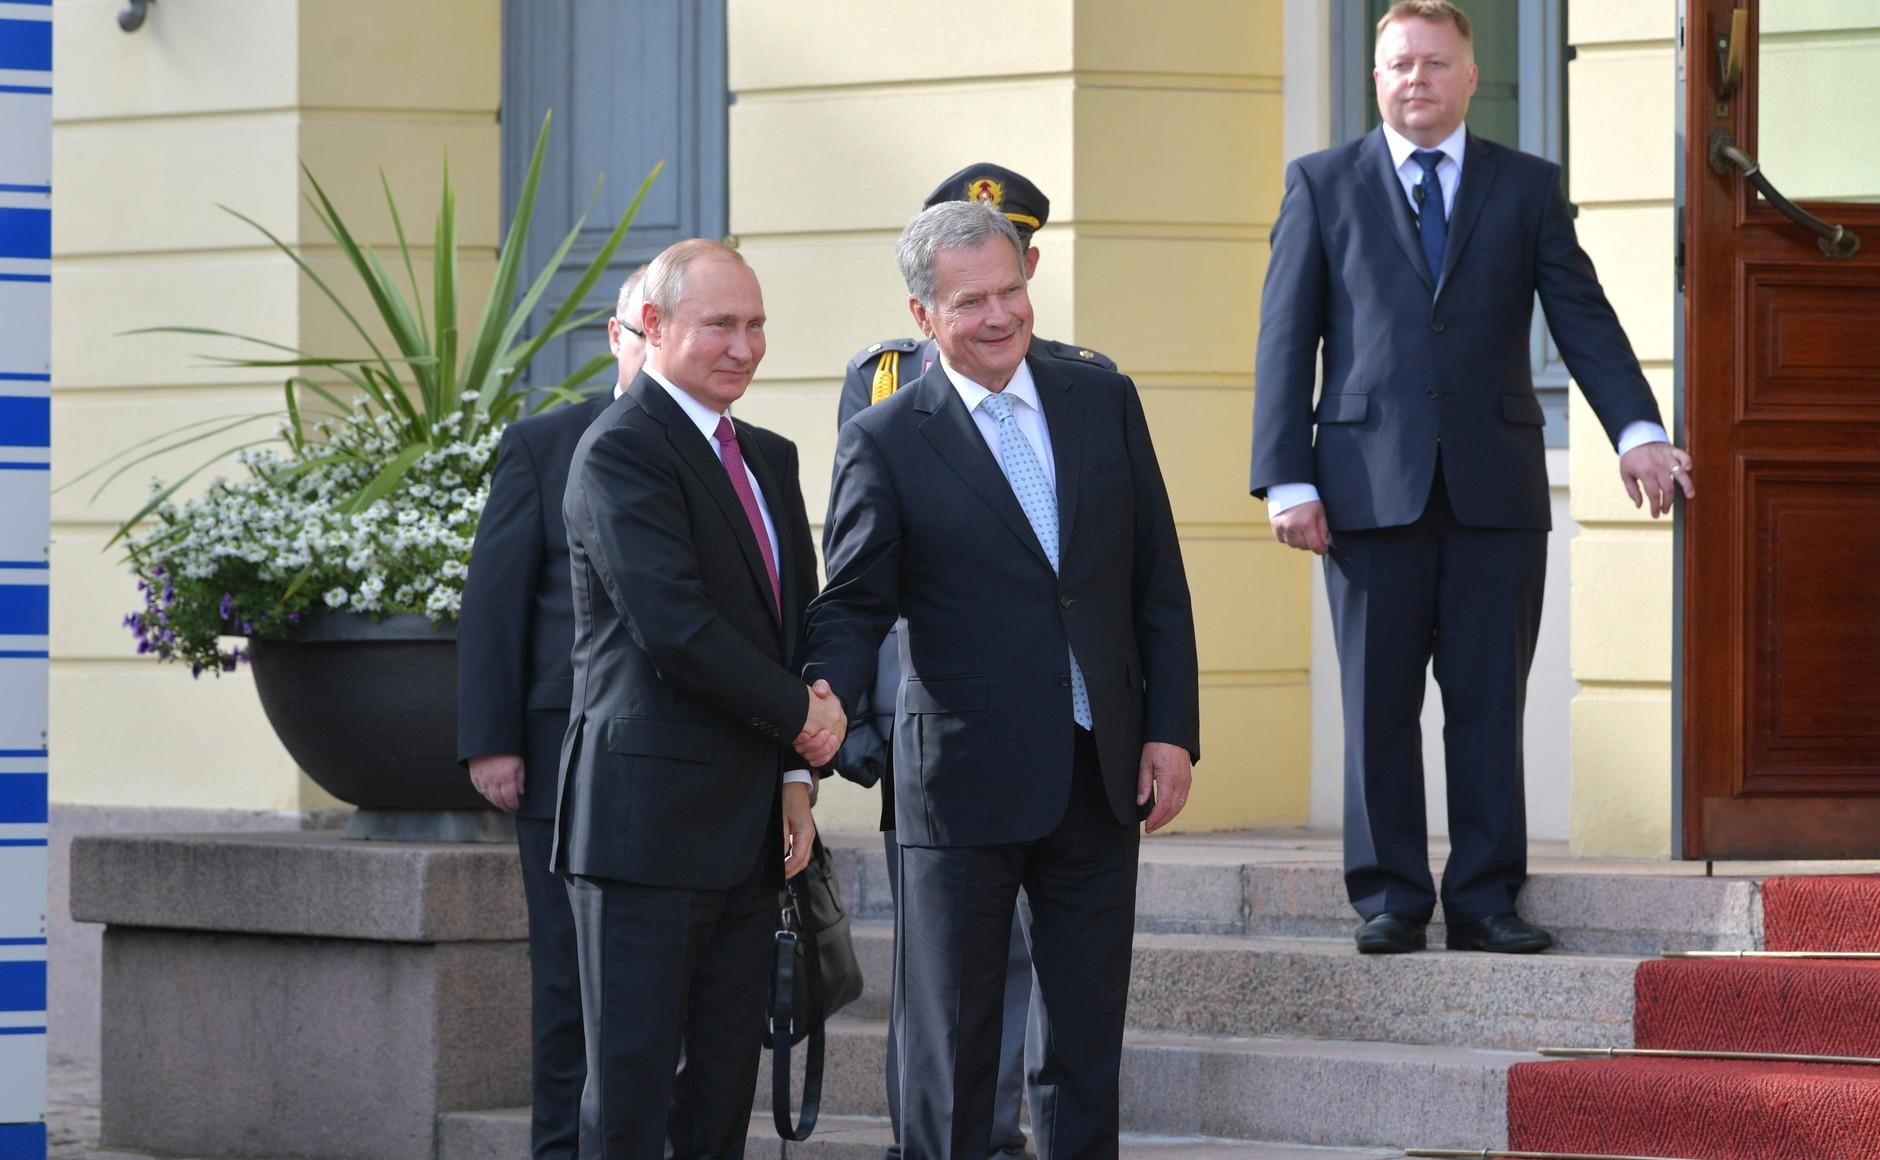 Рабочий визит президента России Владимира Путина в Финляндию